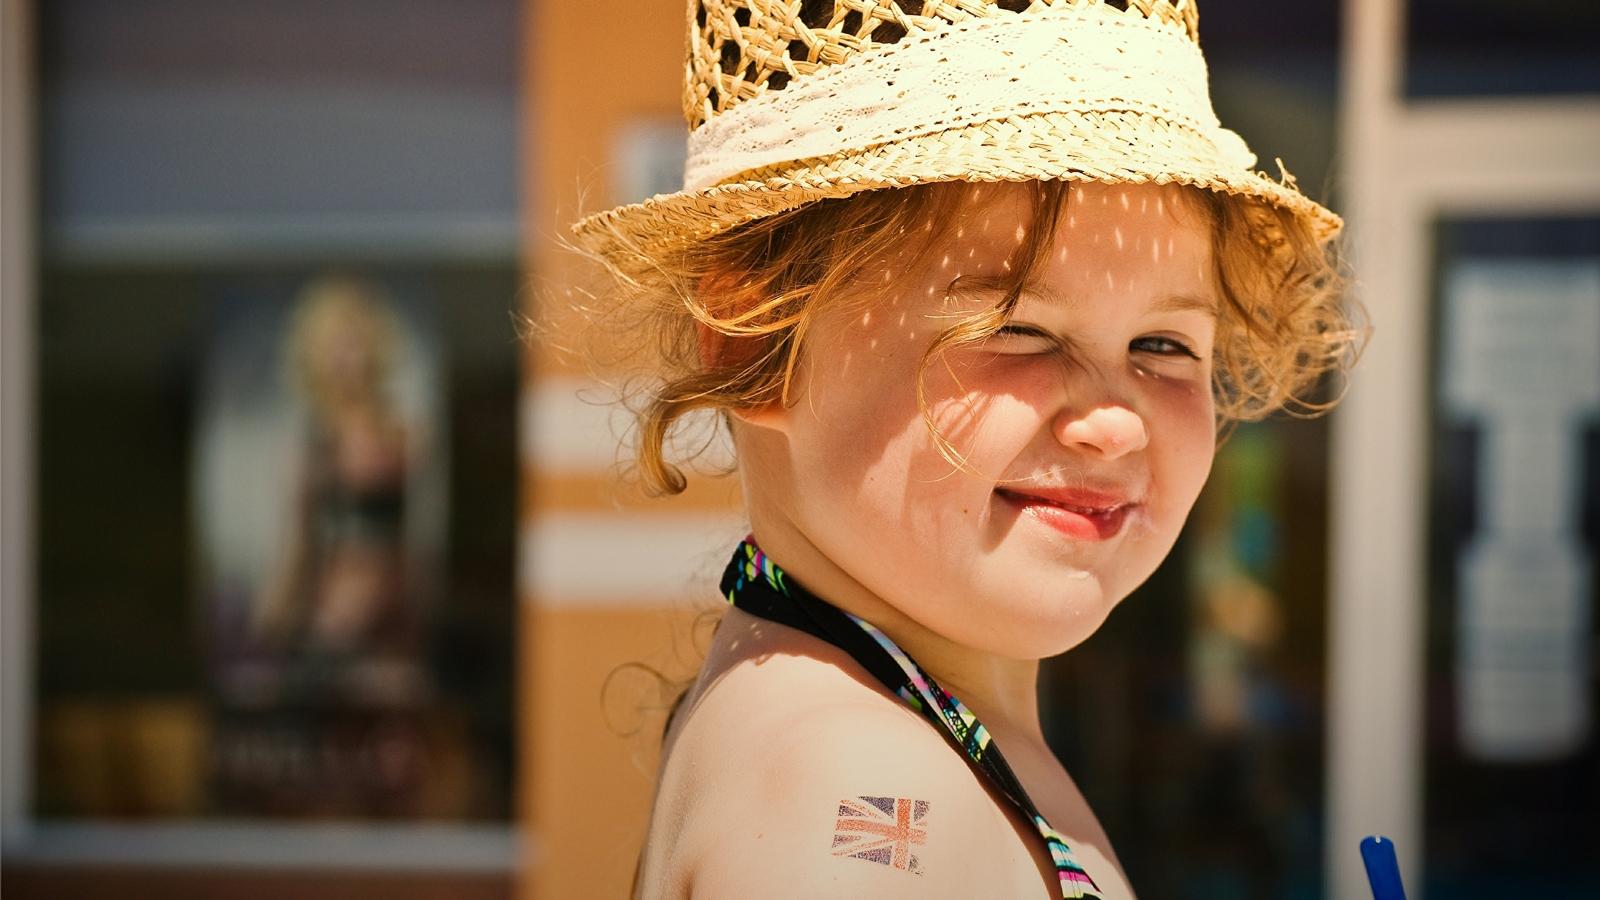 Una pequeña niña rubia - 1600x900